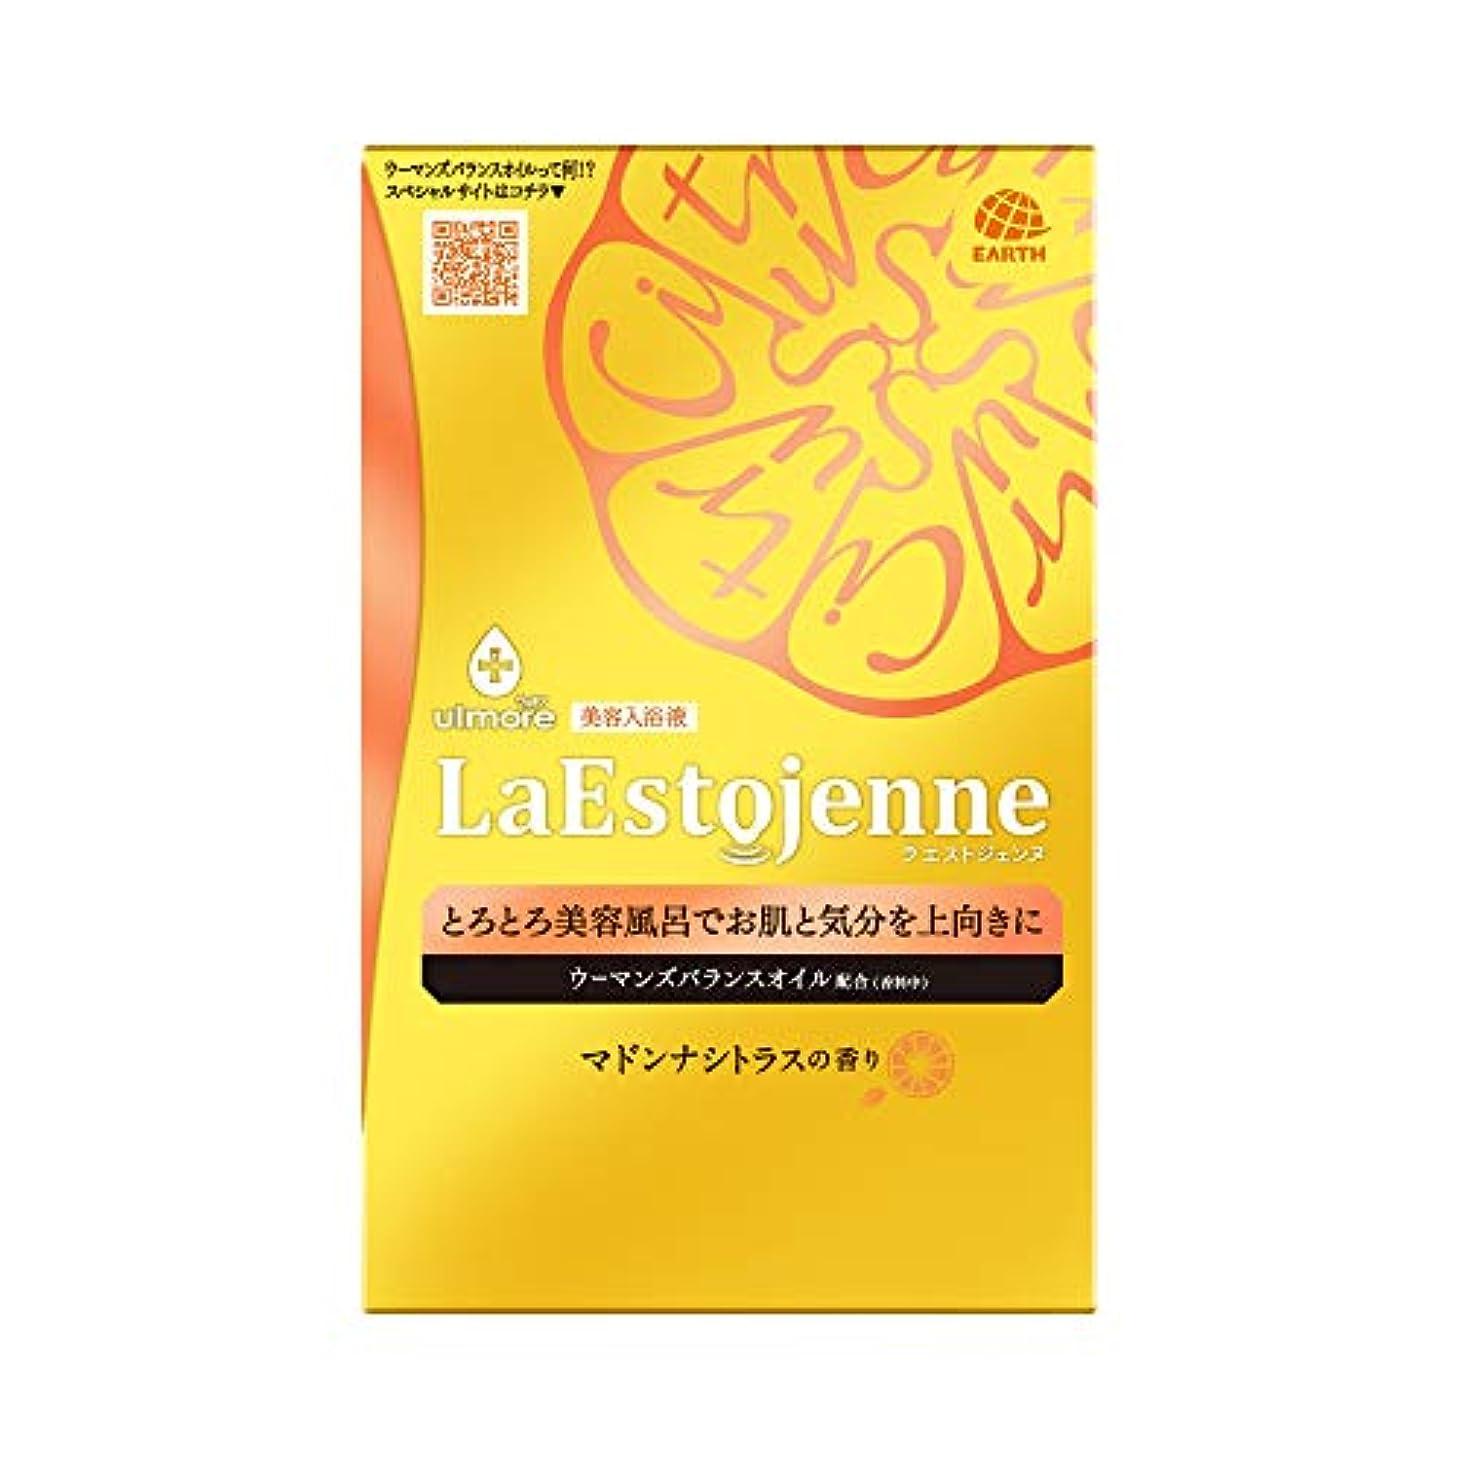 主権者準備する想定ウルモア ラエストジェンヌ 入浴剤 マドンナシトラスの香り [160ml x 3包入り]